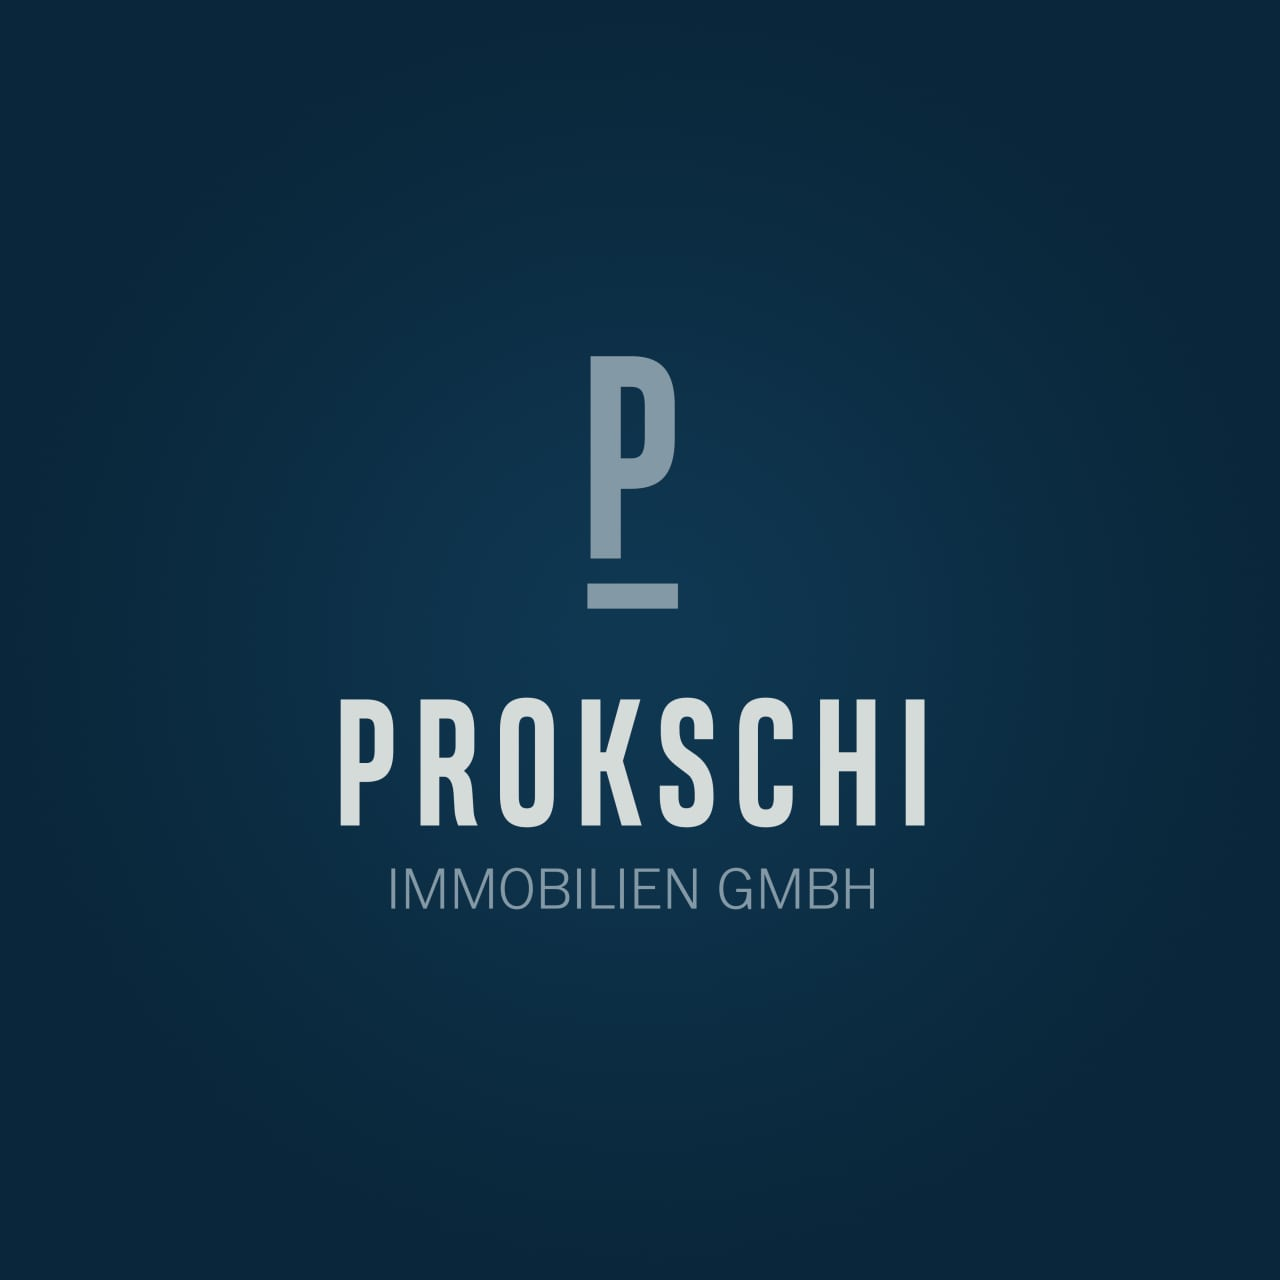 Immobilienfachwirt Stephan Prokschi, Immobilienmakler in Ravensburg, Bodensee und Oberschwaben